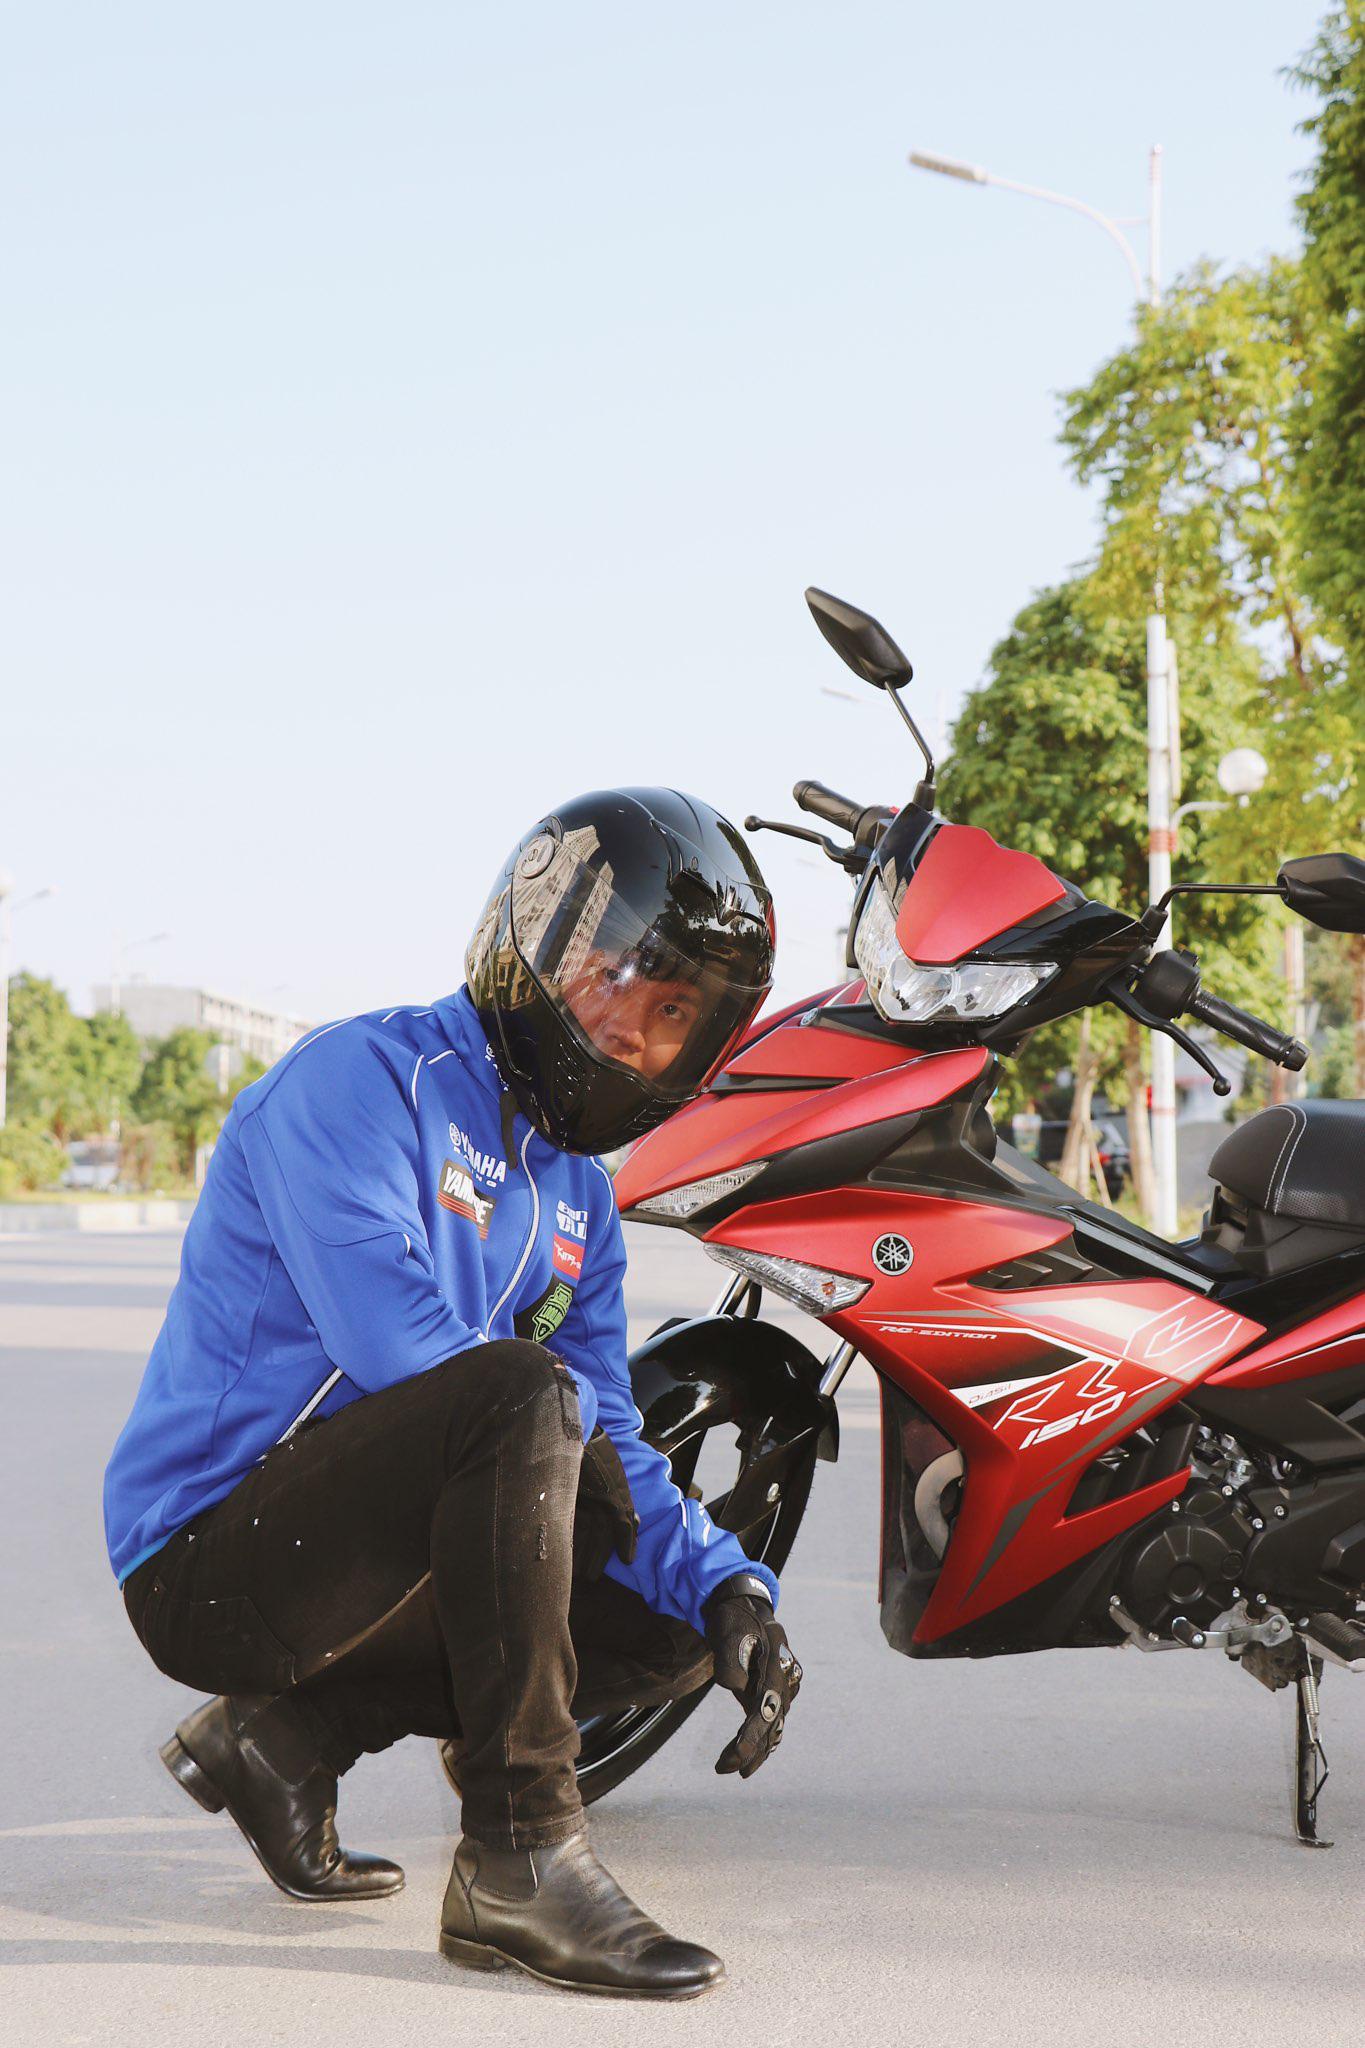 Lộ diện chủ nhân may mắn trúng chuyến du lịch Nhật Bản khi mua xe Yamaha - Ảnh 4.